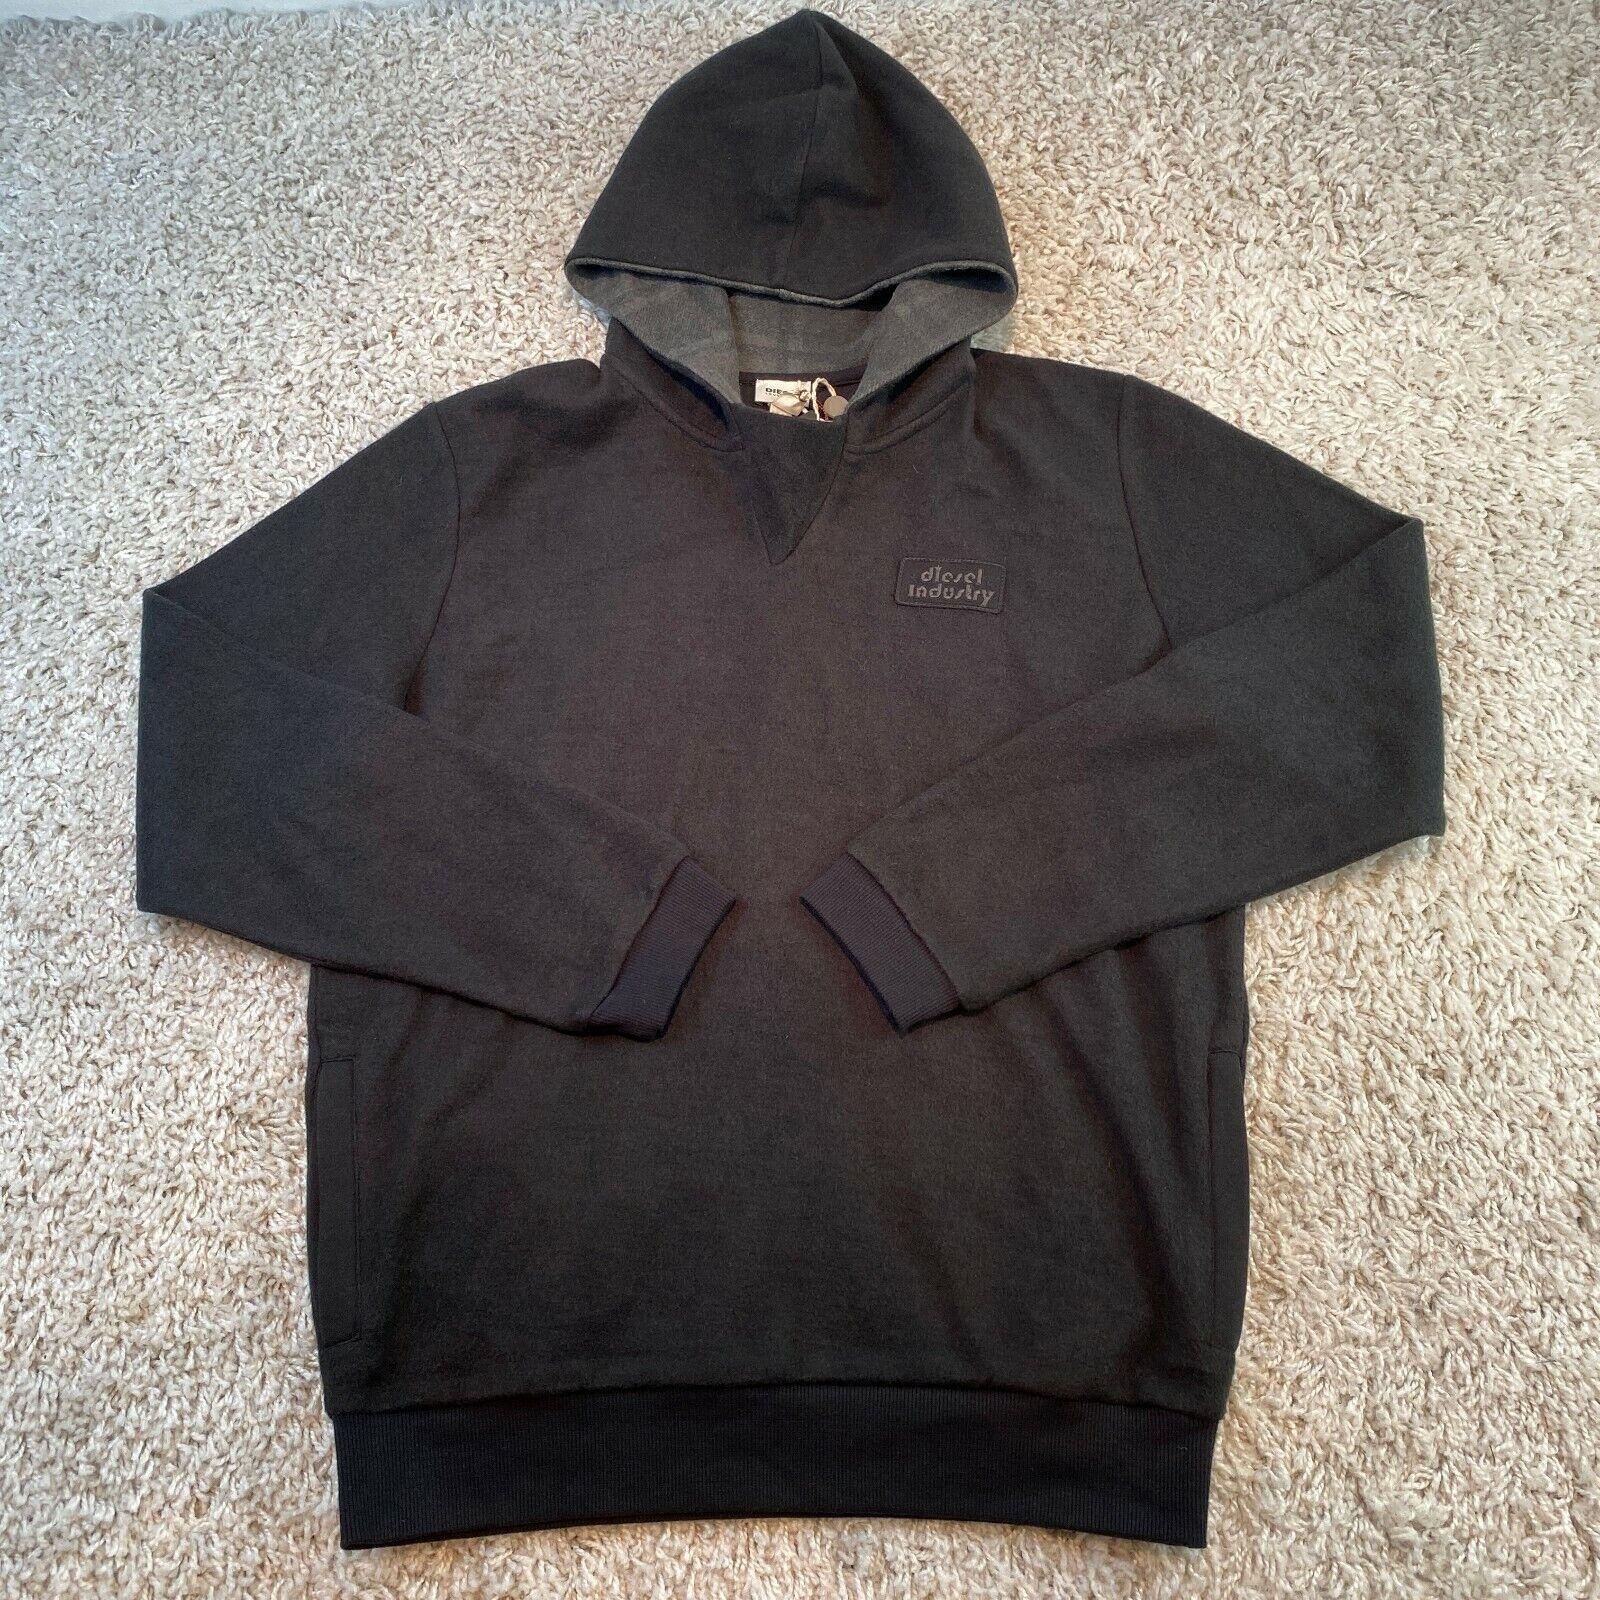 DIESEL Mens Hoodie Sweatshirt XL Black Embroidered Logo Hoody Pullover